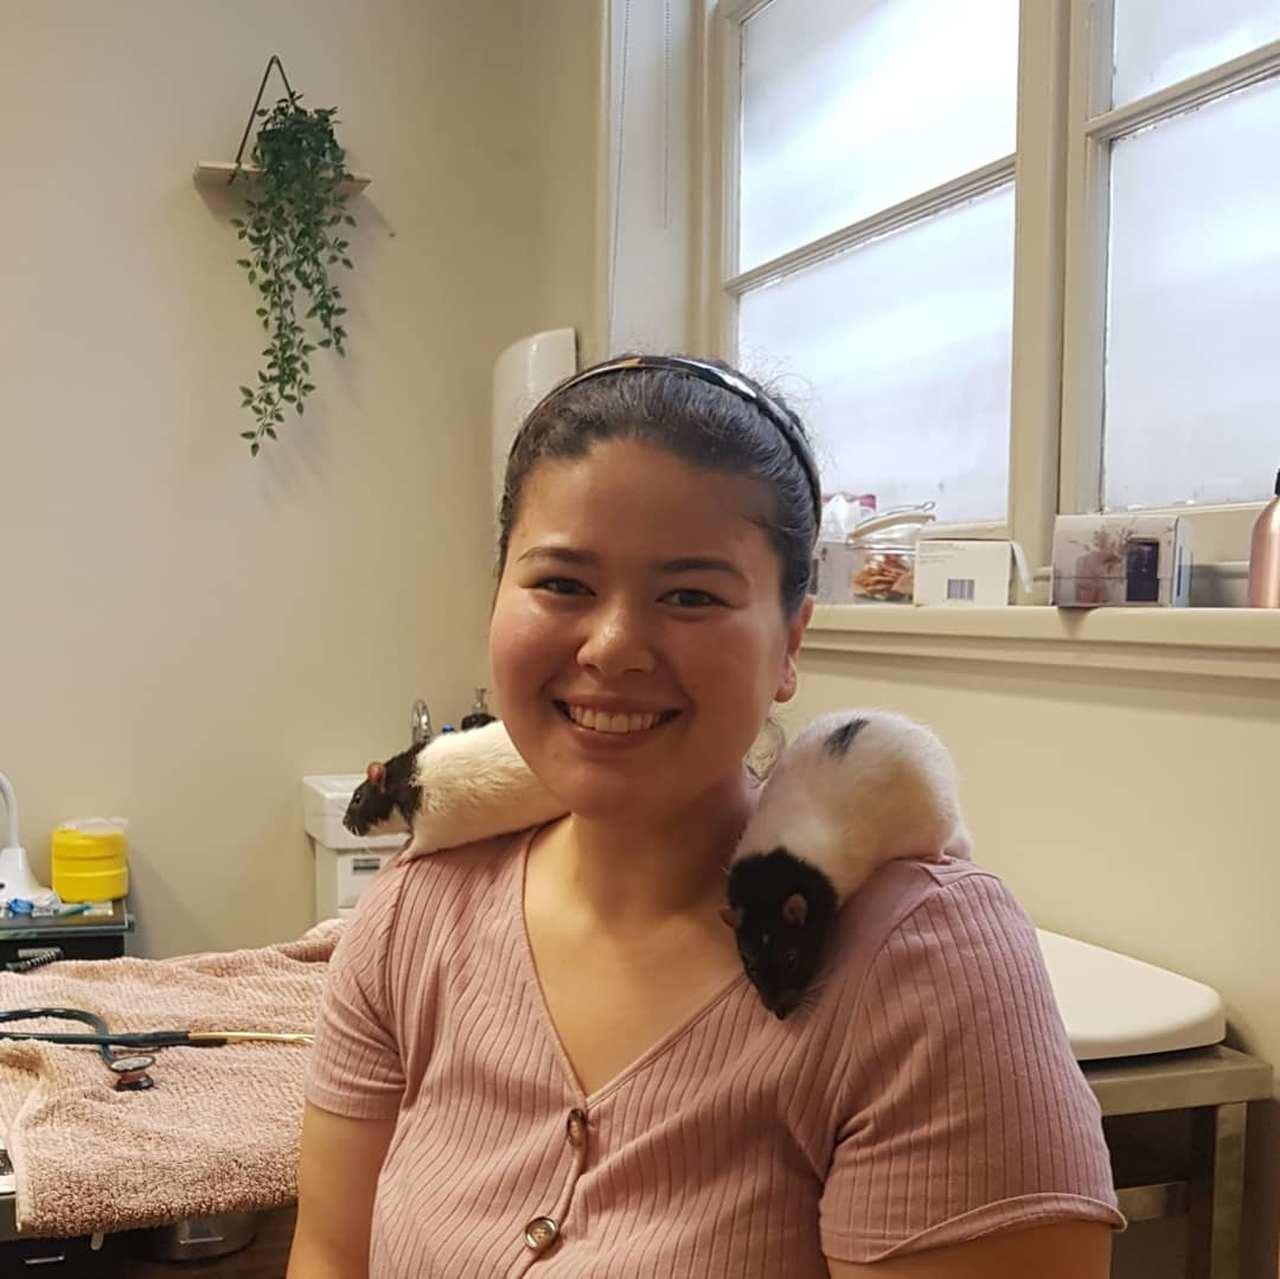 Isabel Padilla's pets